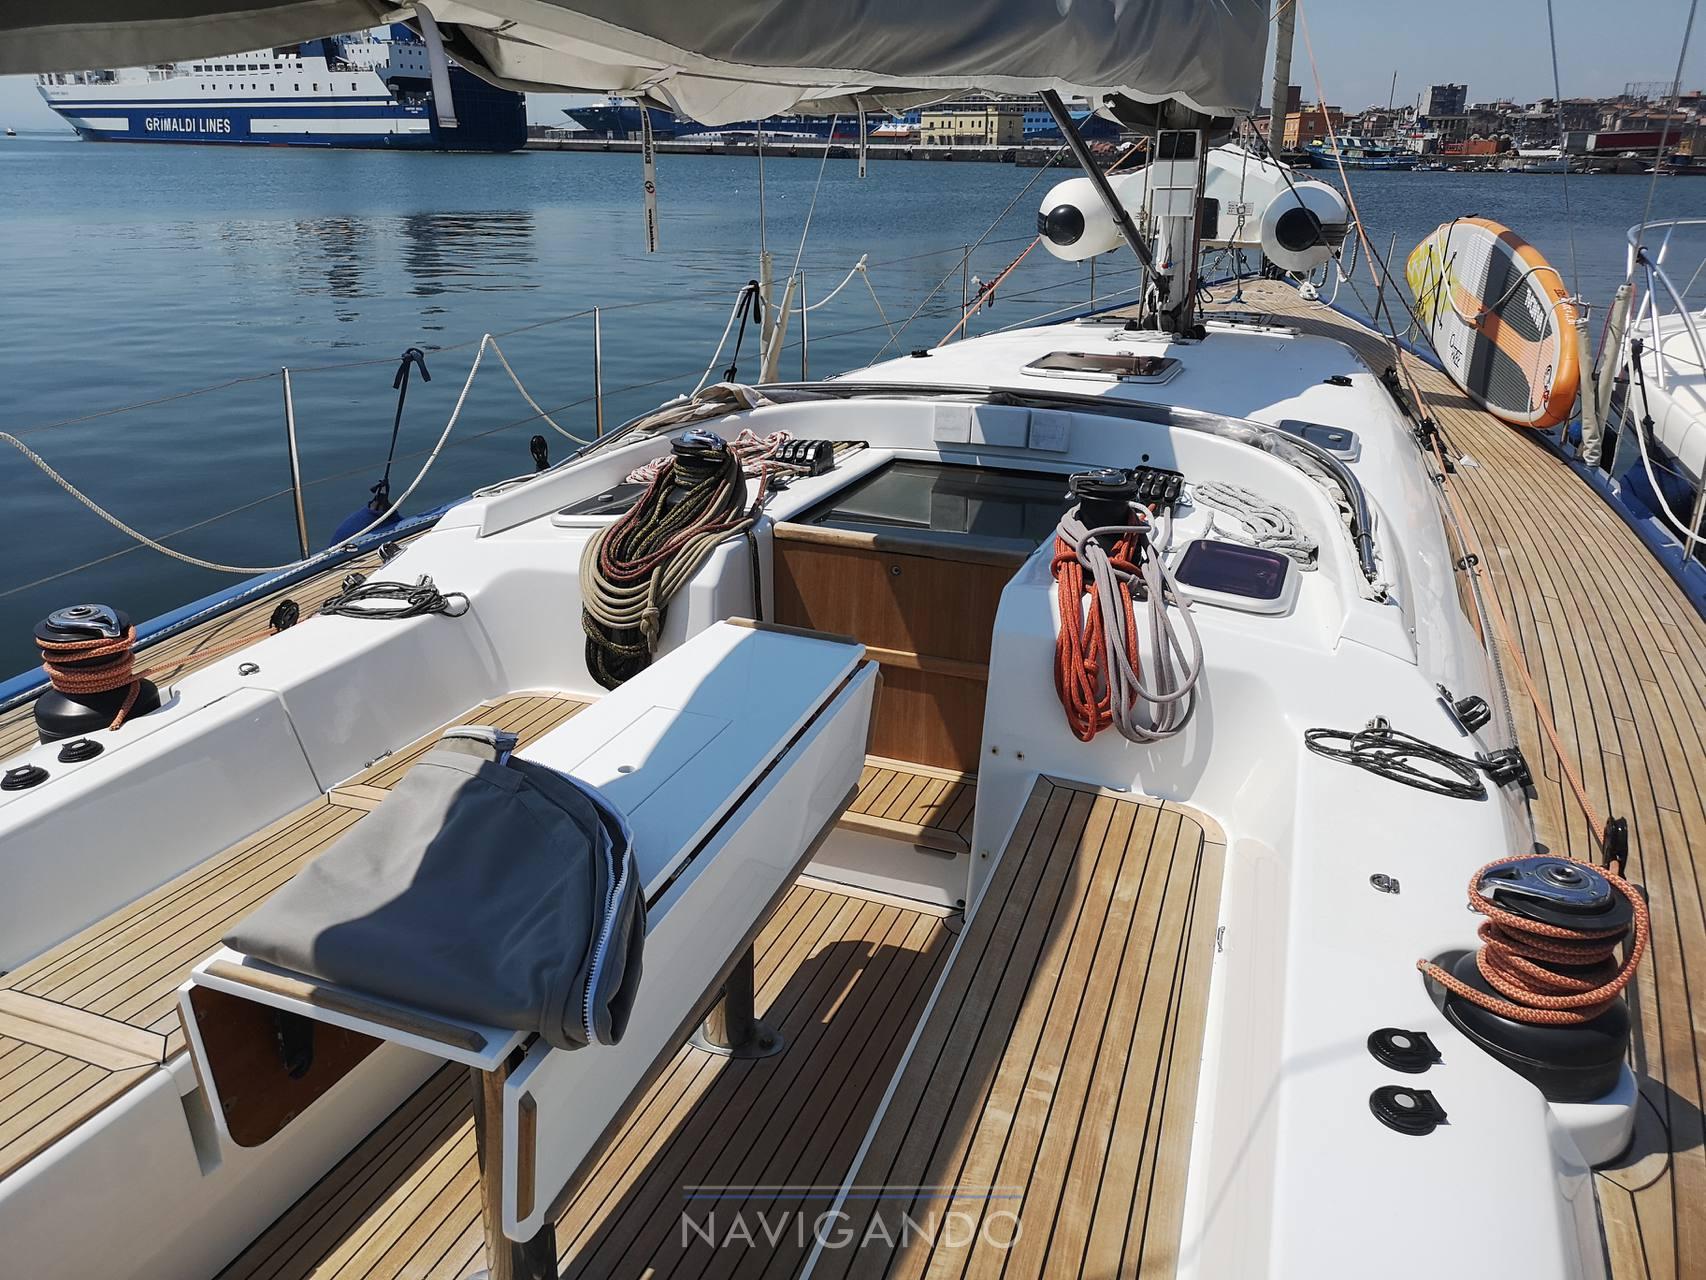 Felci YAcht  cost. Adria Adria Felci 49 2005